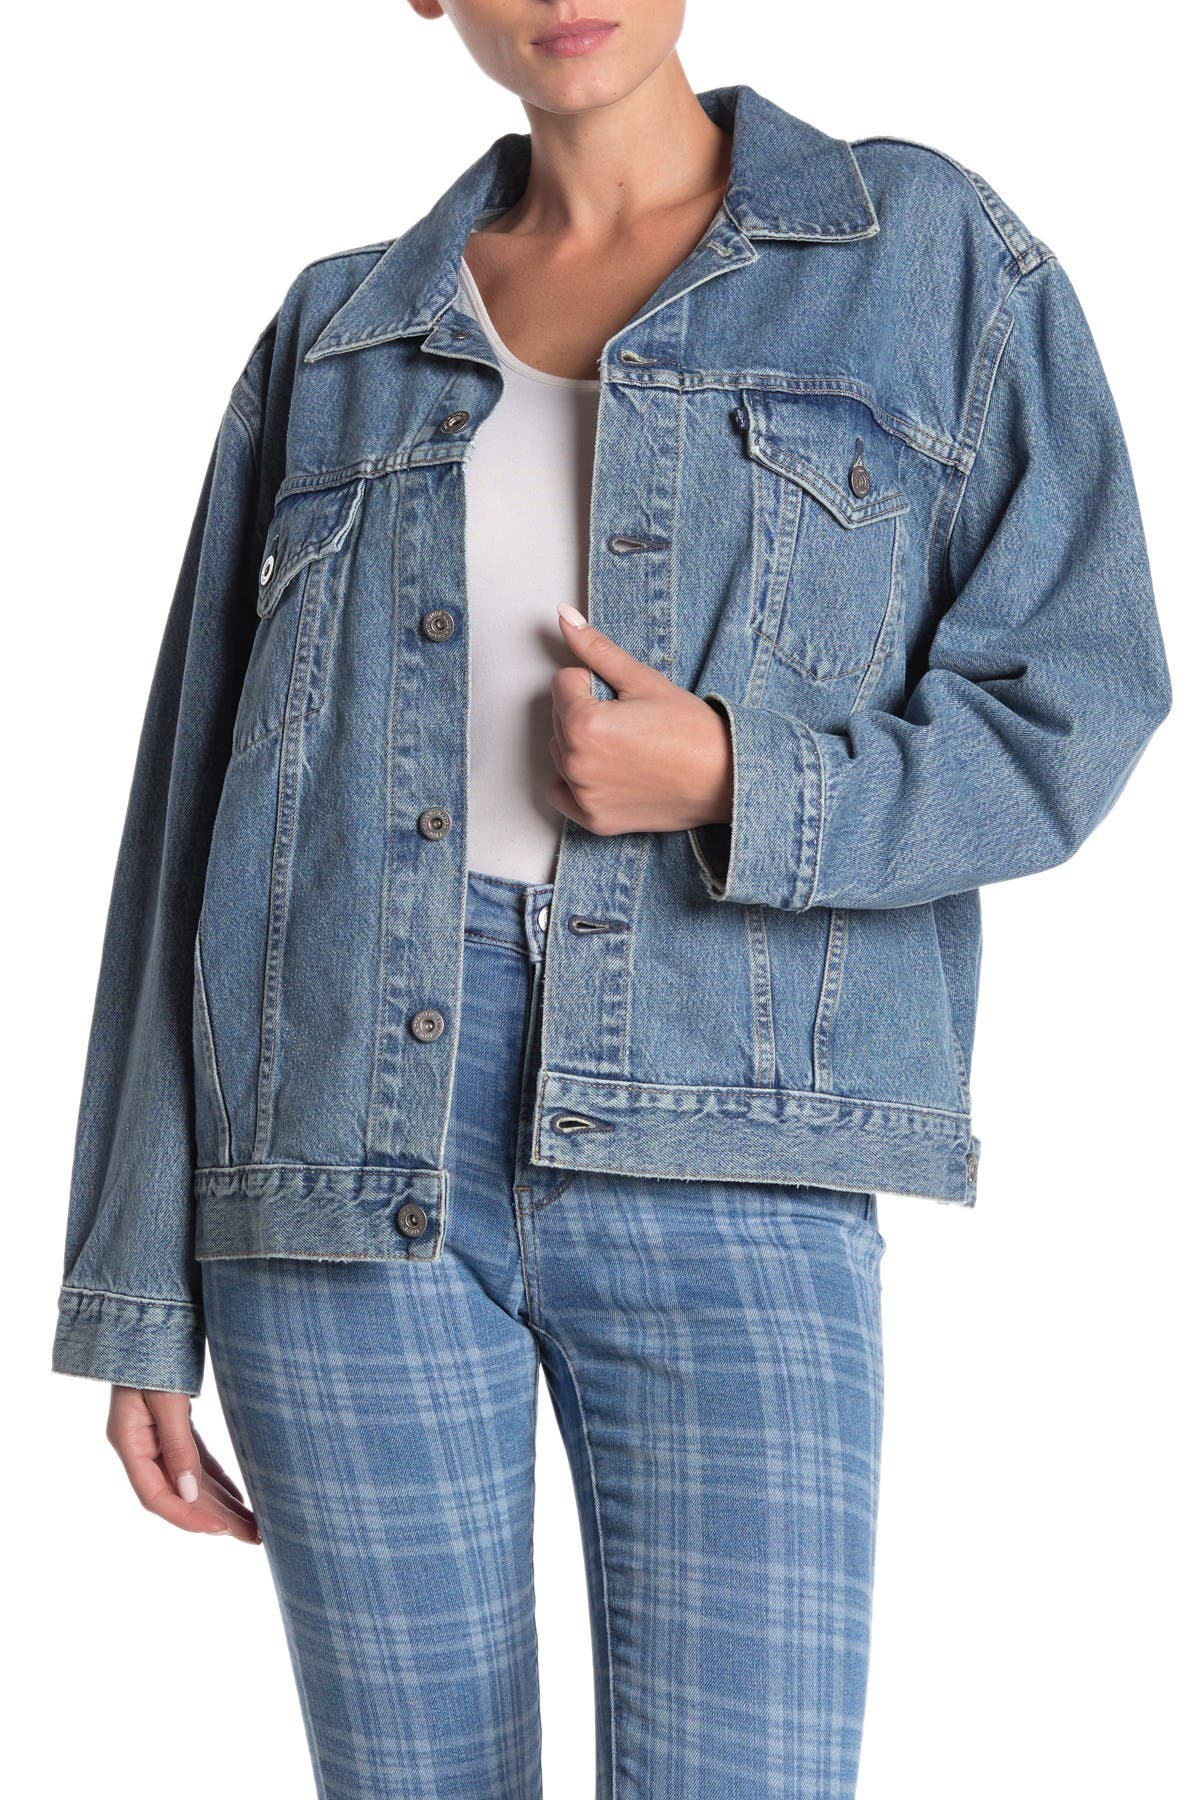 Image of Levi's Lily Oversized Denim Trucker Jacket